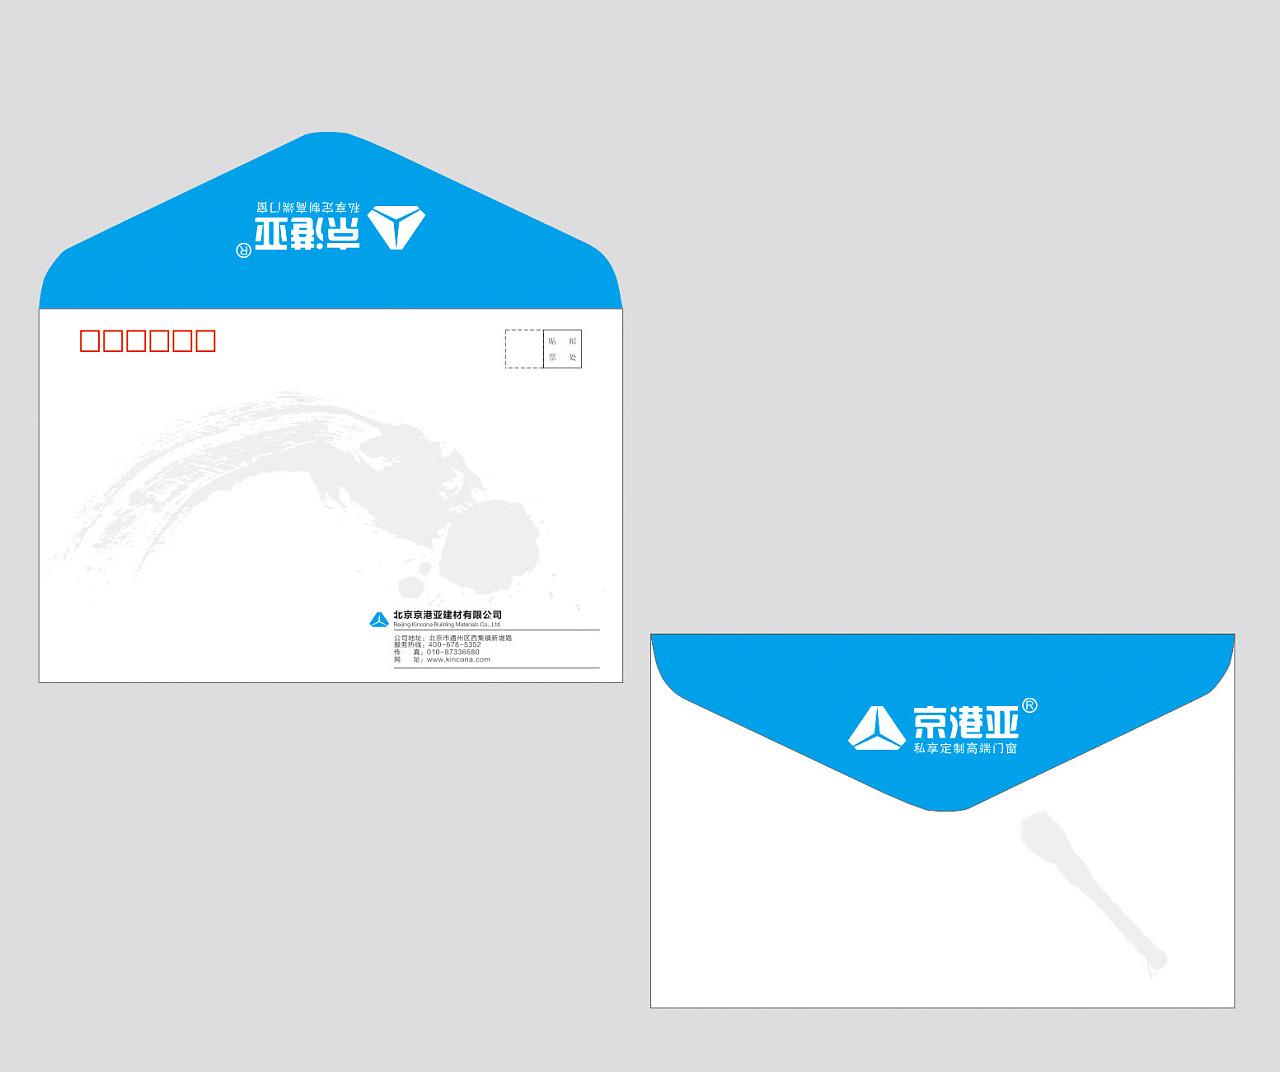 信封格式 信封图片 信封印刷 信封设计 定制信封 信封图片